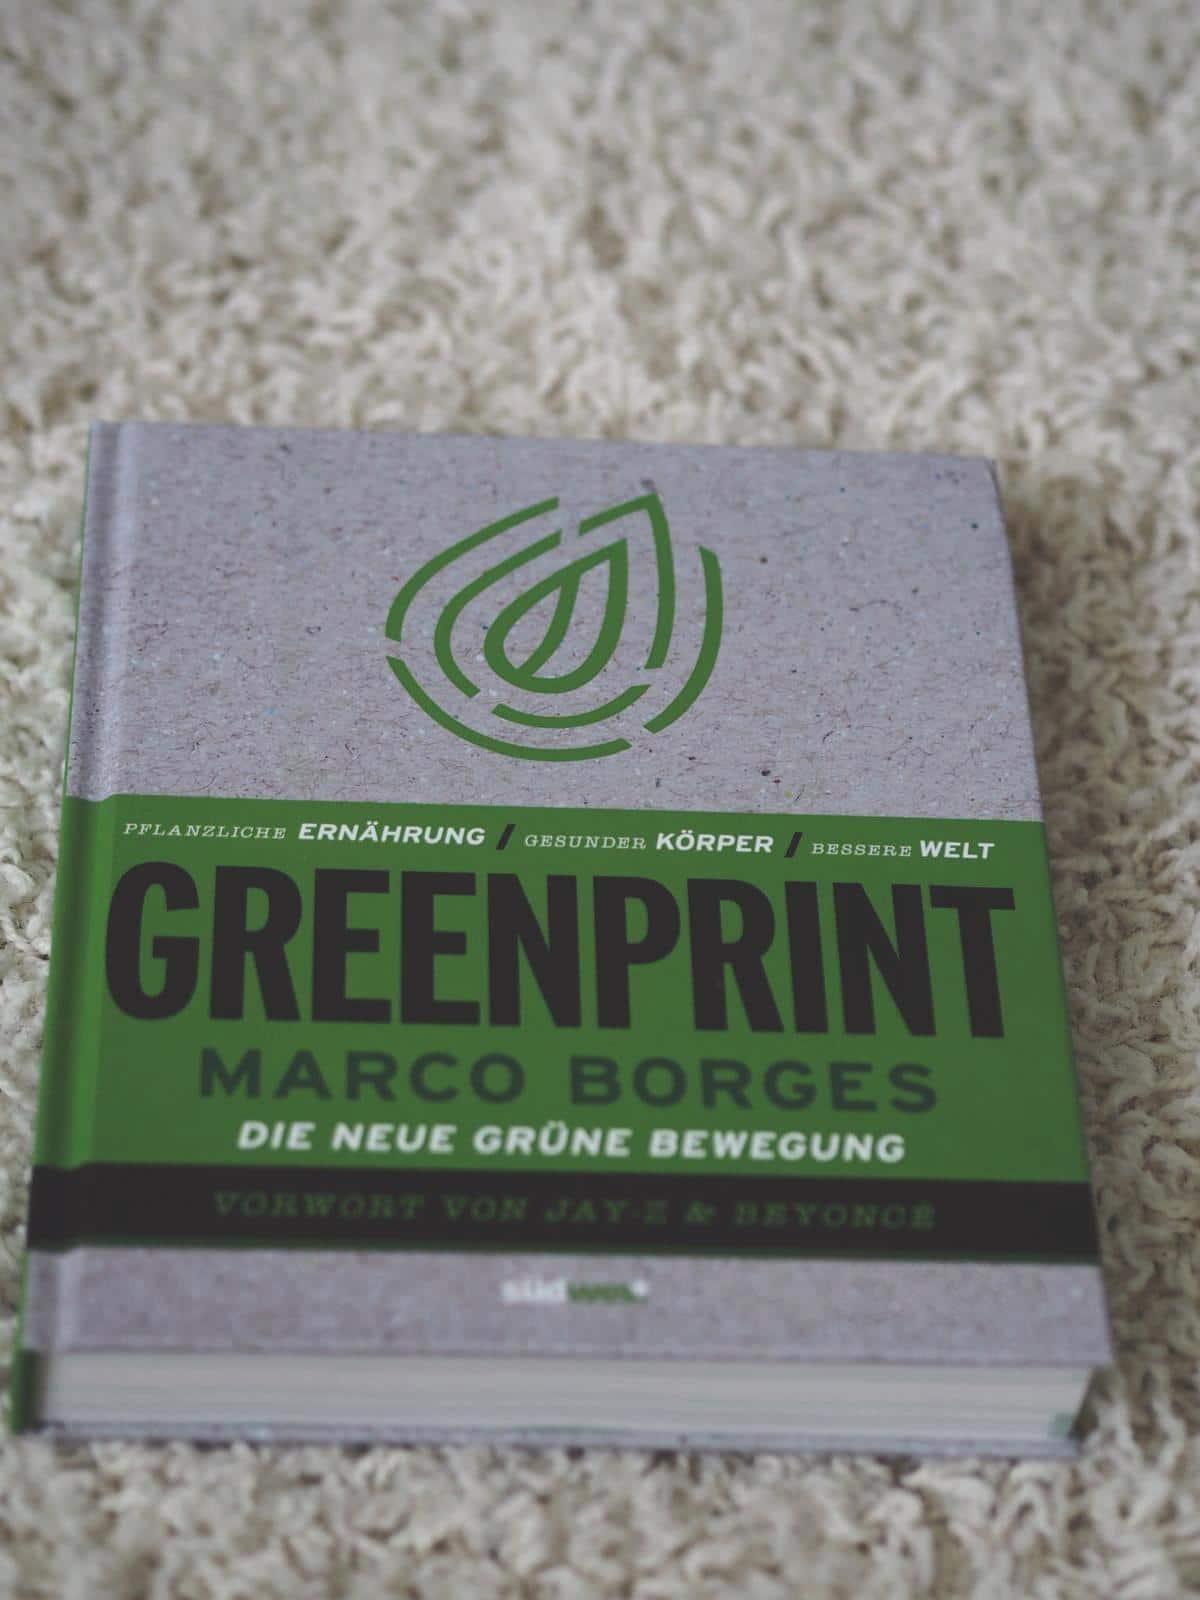 Buchtipps für einen nachhaltigen Lebensstil - Greenprint von Marco Borges